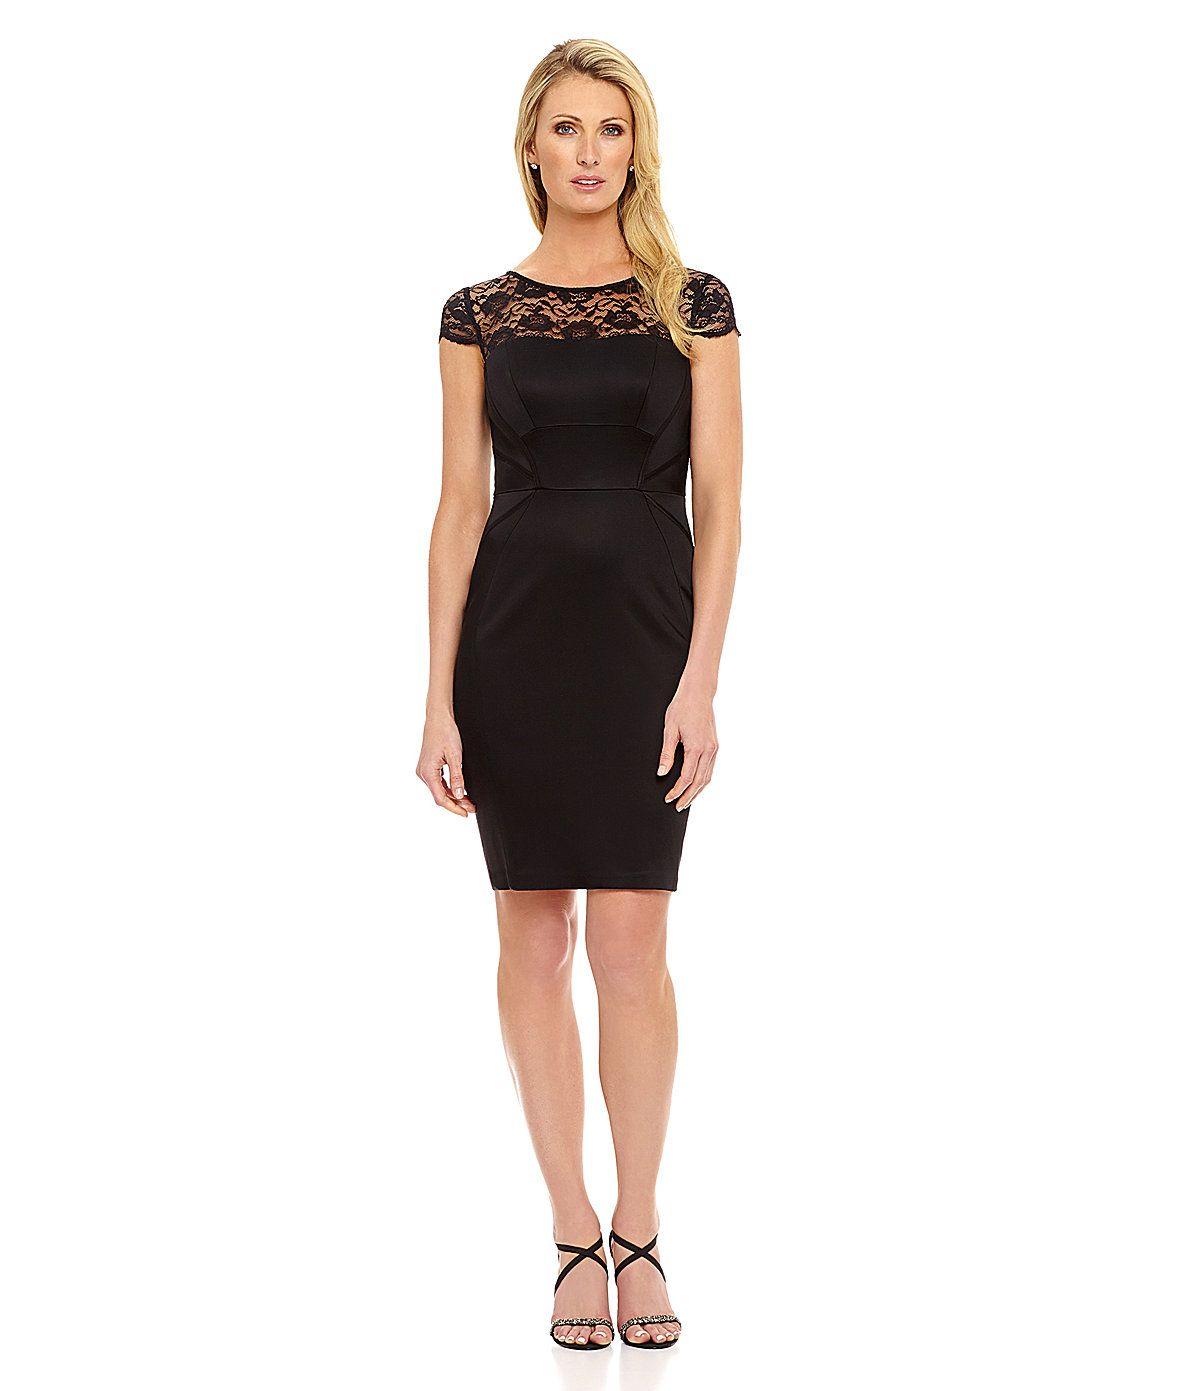 Jax Illusion Lace Sheath Dress   Dillards.com   Jax Dress ...